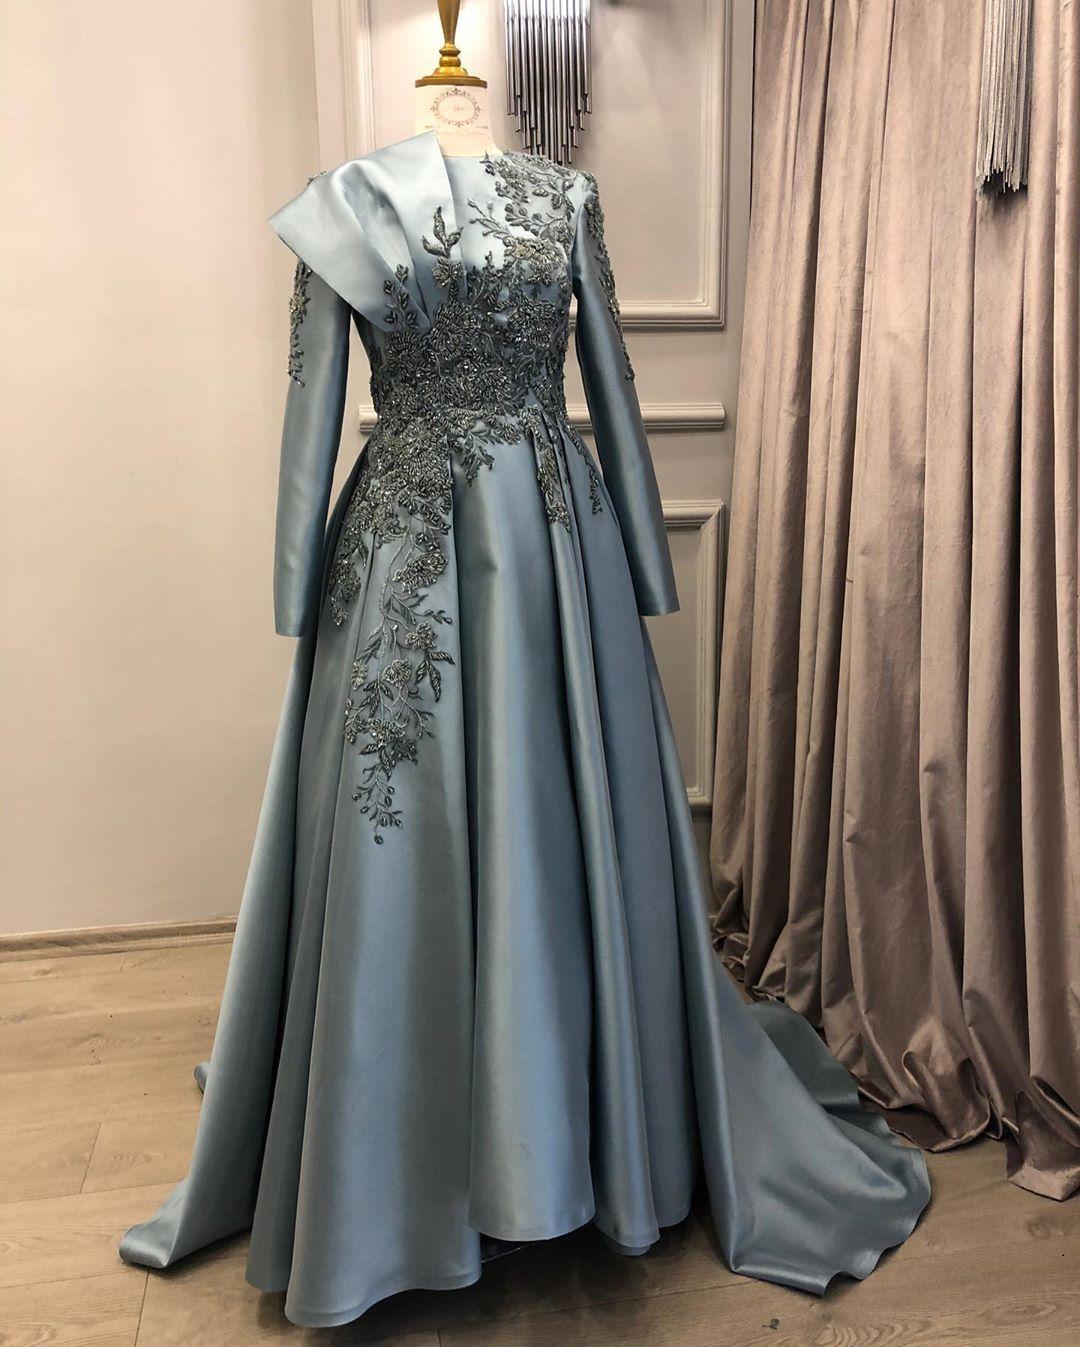 Kardelen Adli Kullanicinin Gowns Panosundaki Pin Elbise Dugun Boncuklu Elbiseler Sirin Elbiseler